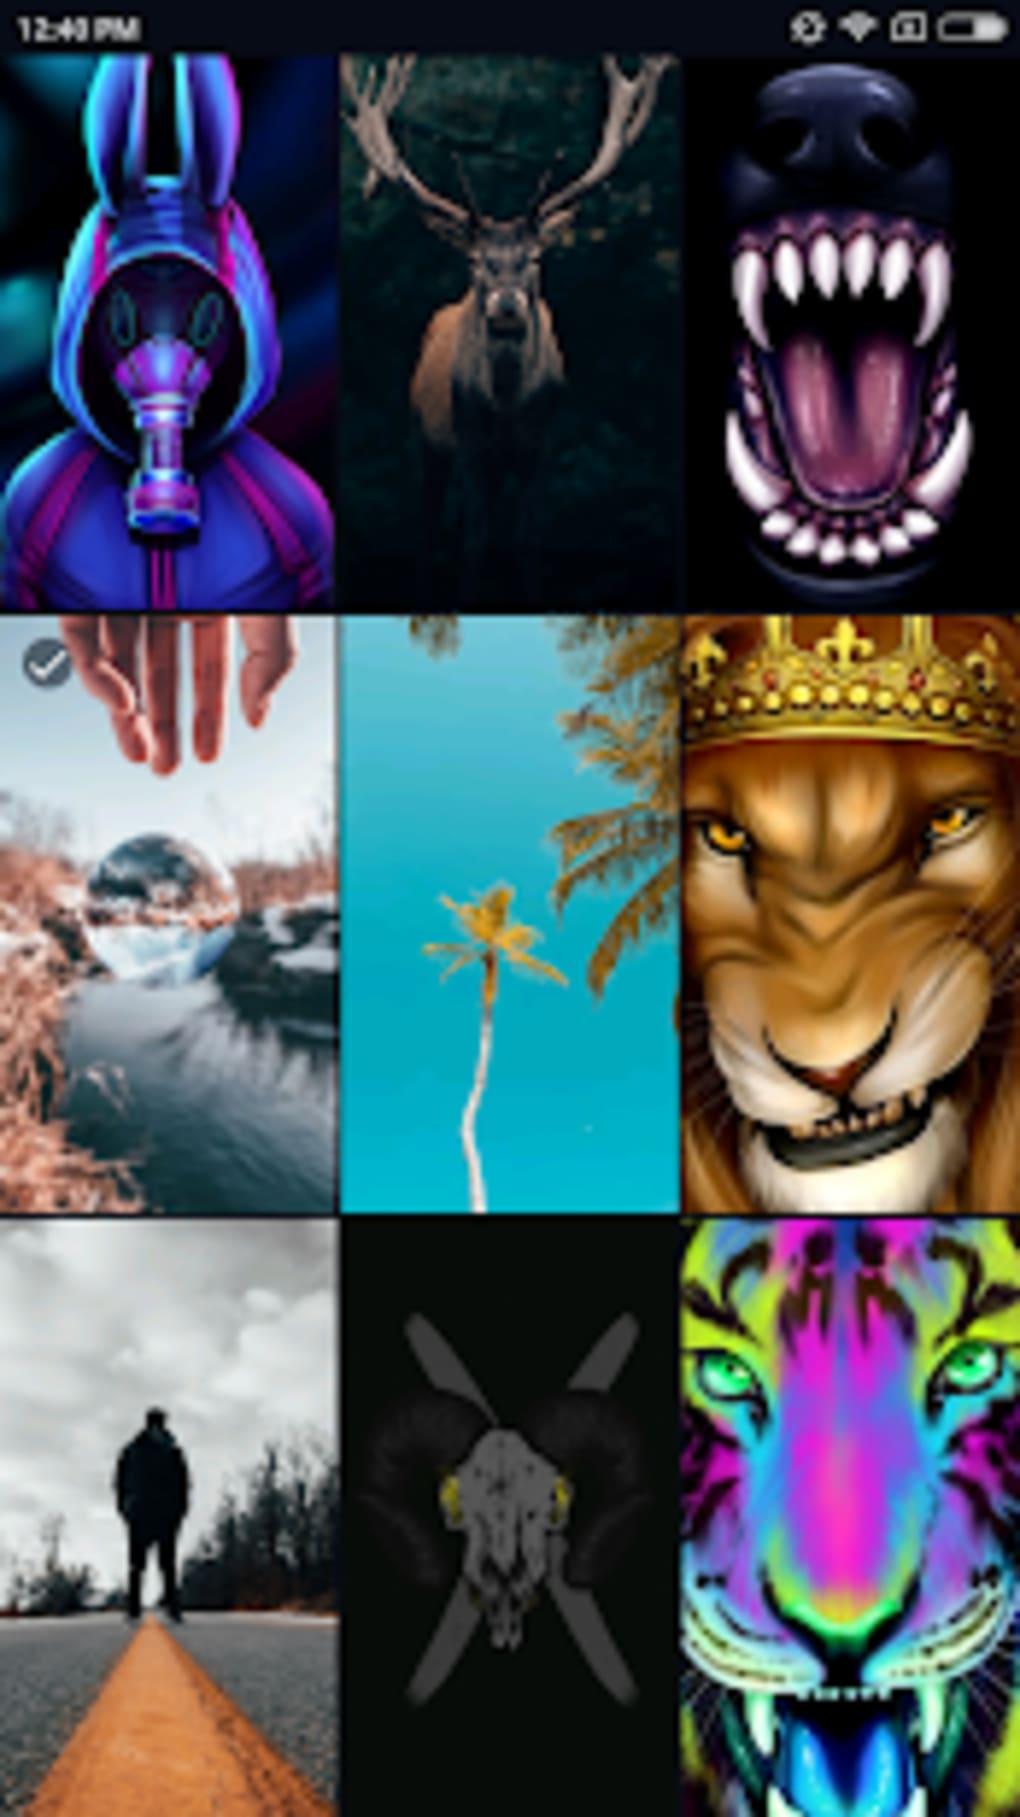 live wallpapers 3d parallax full hd 4k screenshot